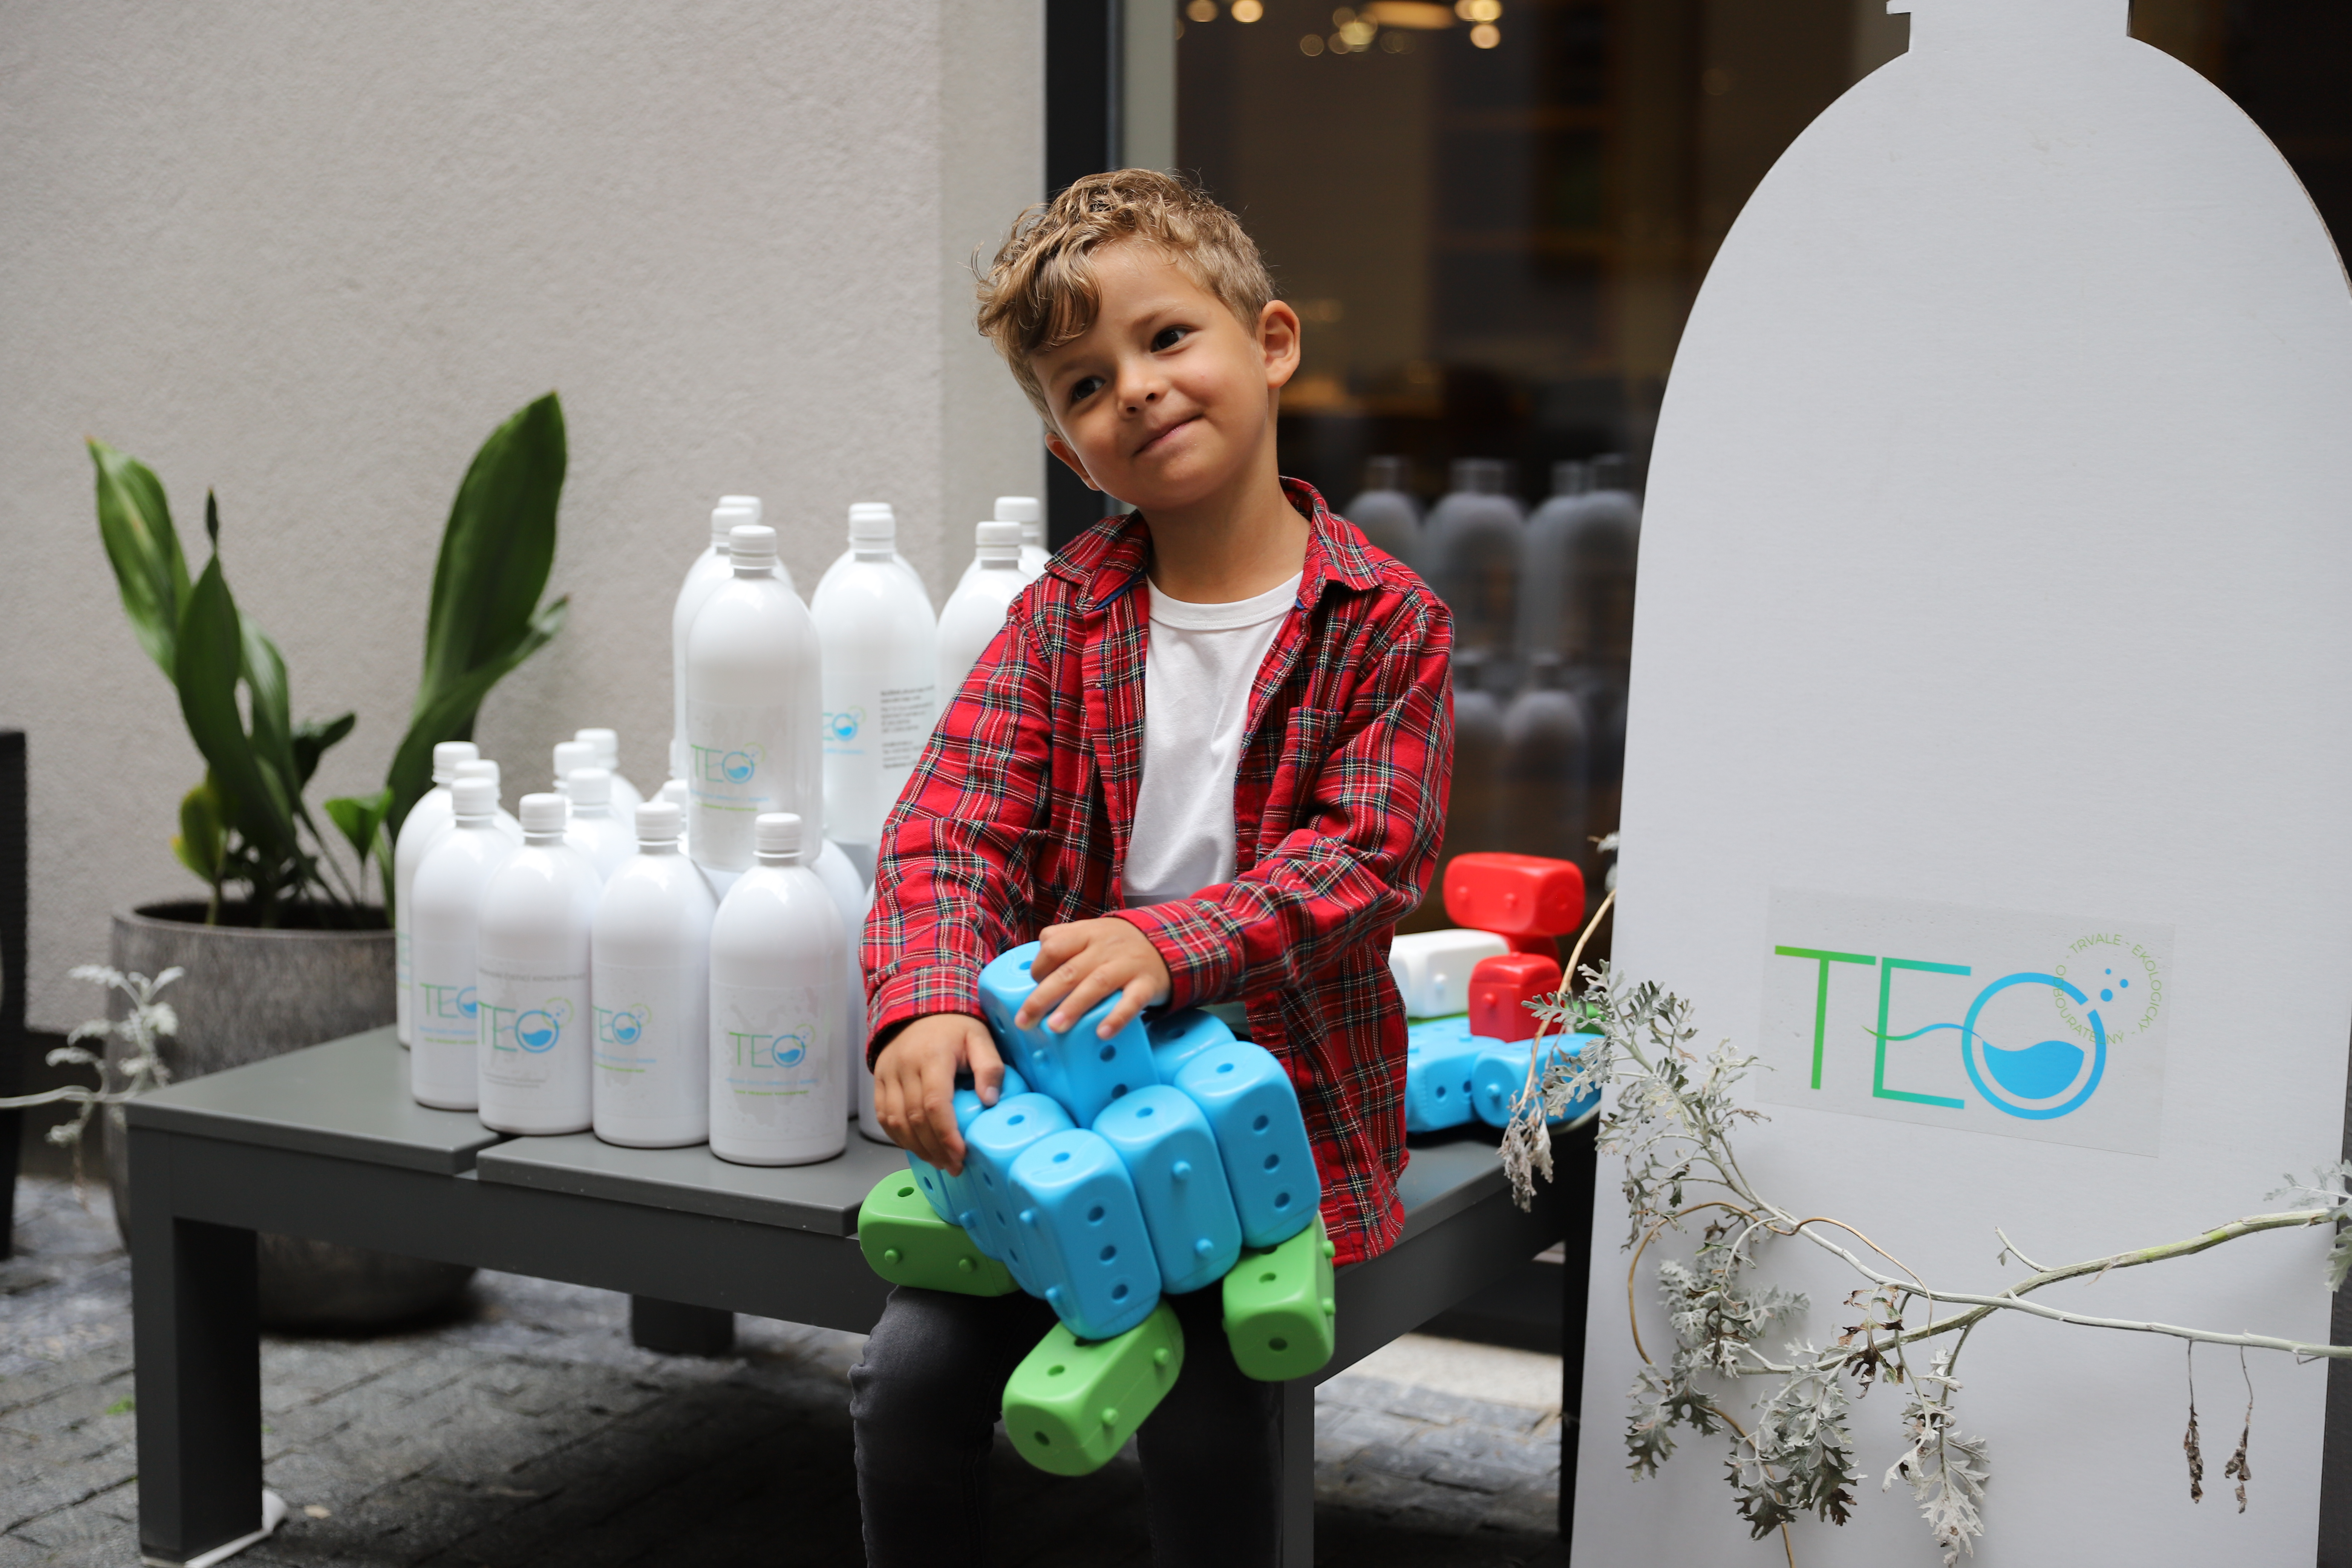 Naučte děti myslet ekologicky a ekonomicky